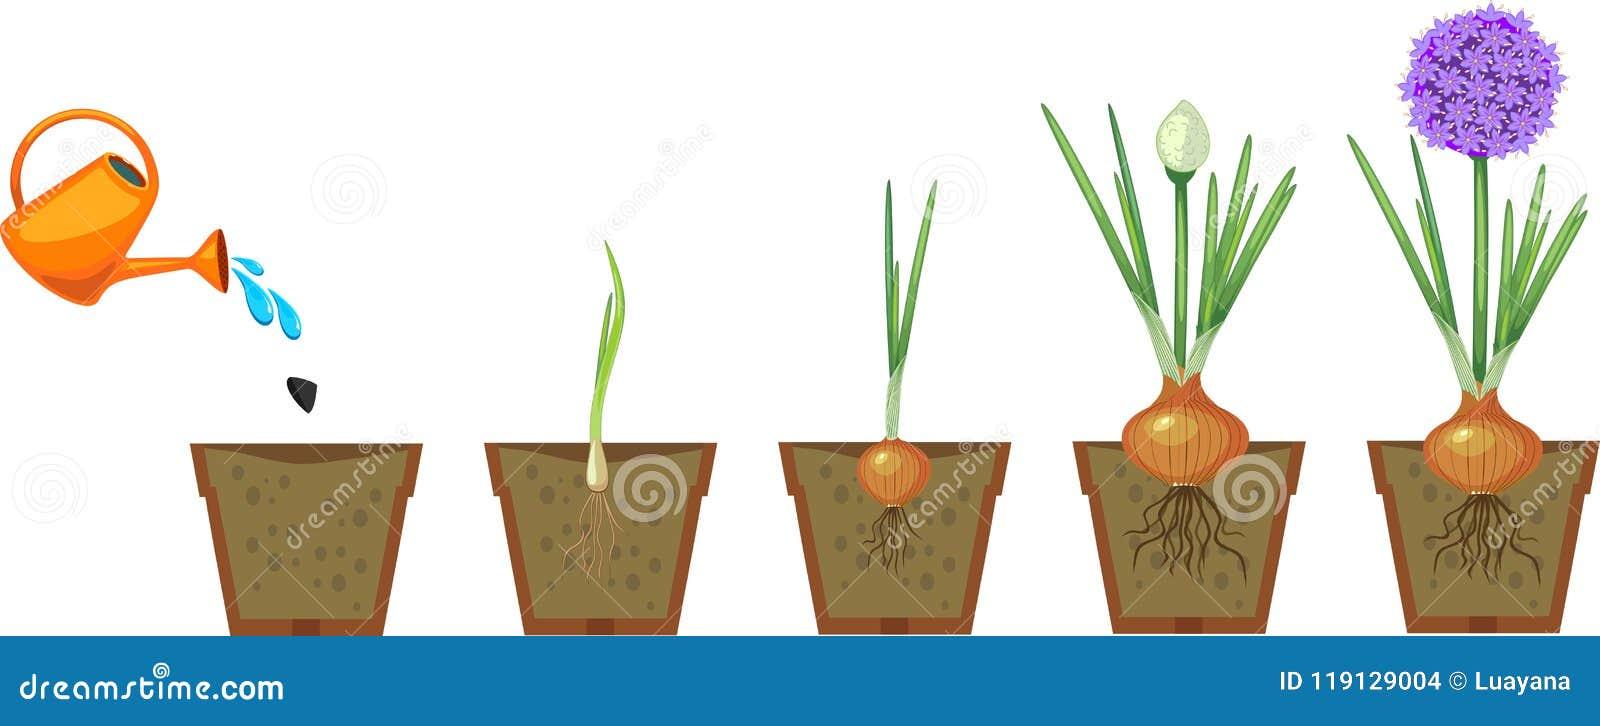 удар был этапы роста лука в картинках дворе между линиями